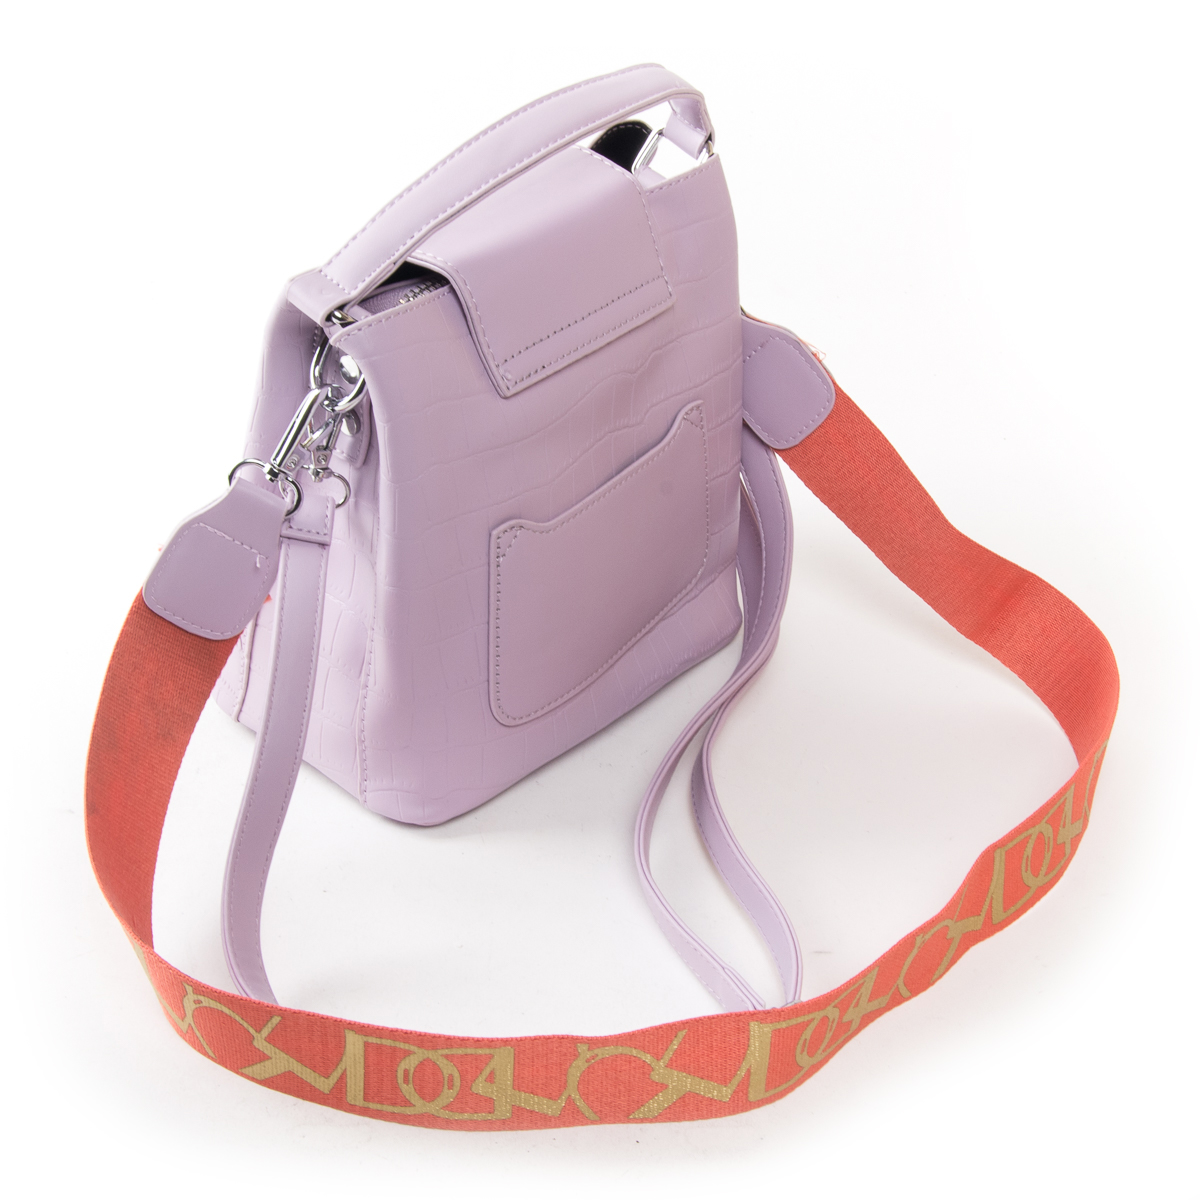 Сумка Женская Классическая иск-кожа FASHION 01-03 16905 purple - фото 4